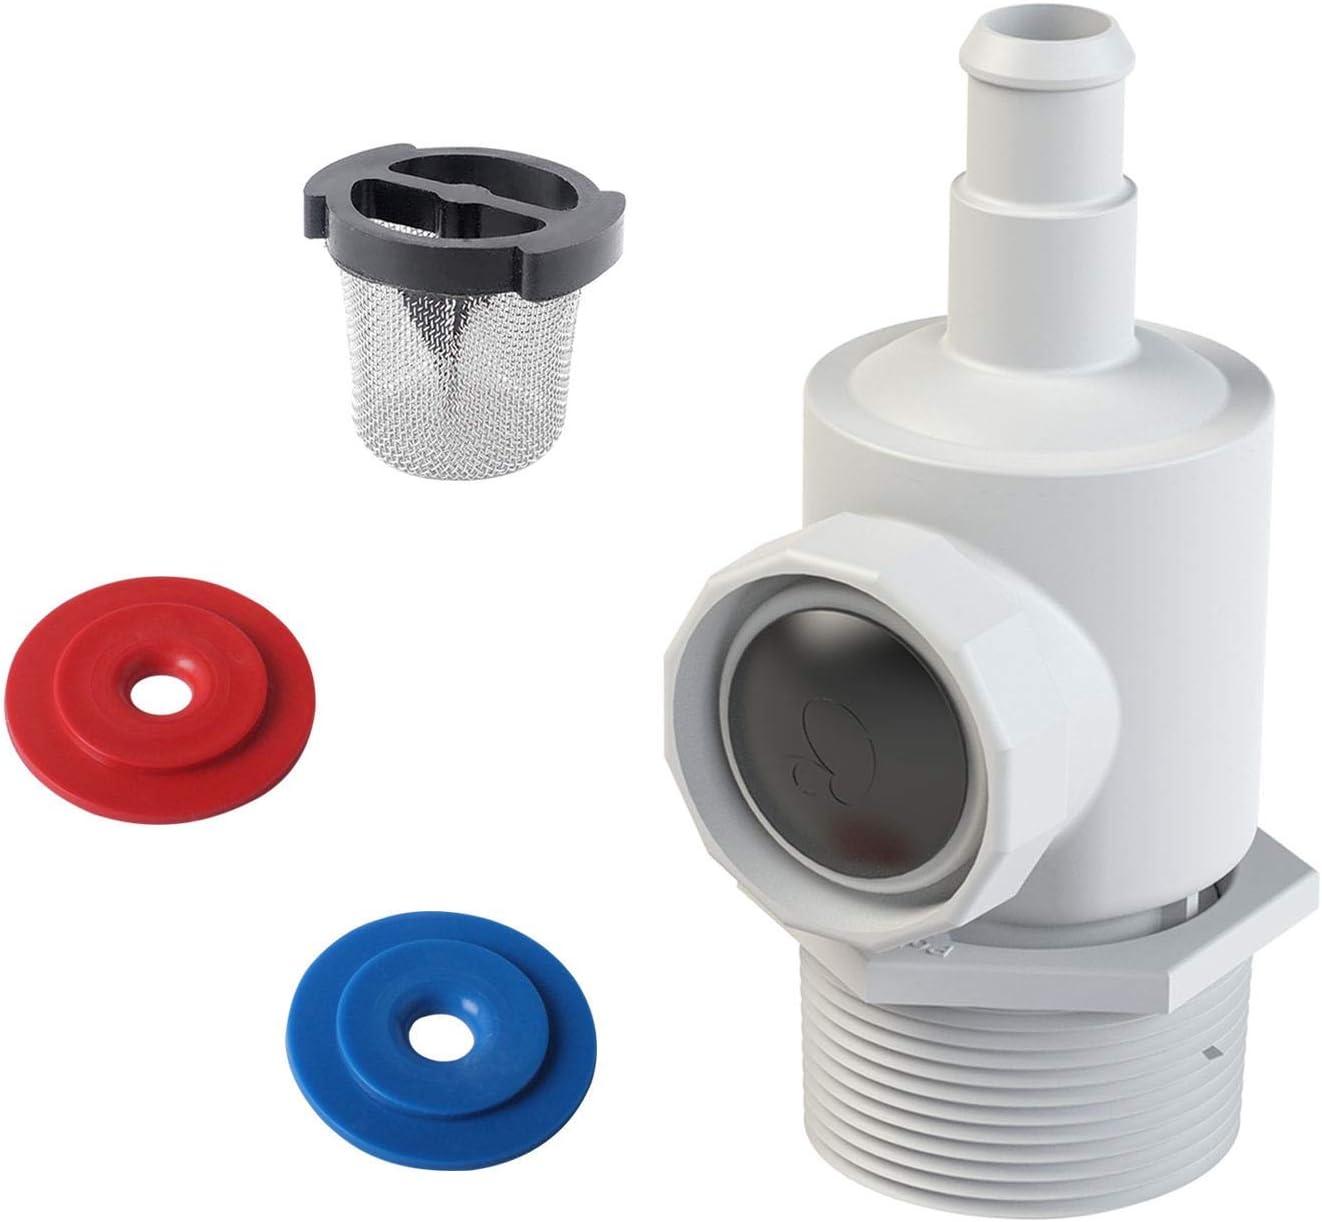 Poweka 9-100-9001 Conjunto de Conector de Pared Universal para Robot Limpiafondos Piscina Automático Polaris 180 280 380 con 6-504-00 Filtro de Pared